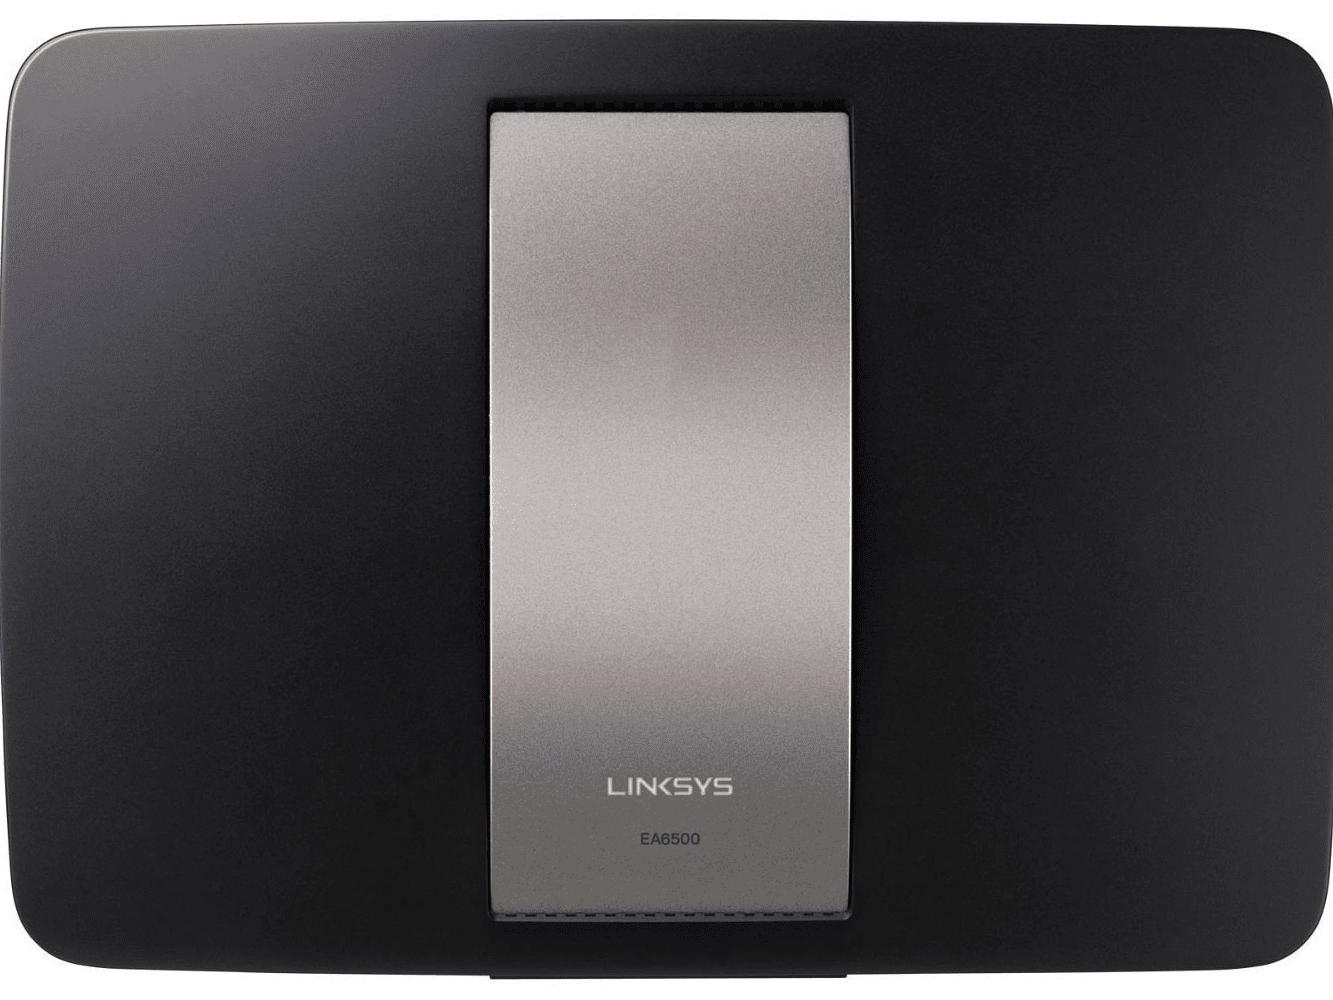 Linksys EA6500 Default Password